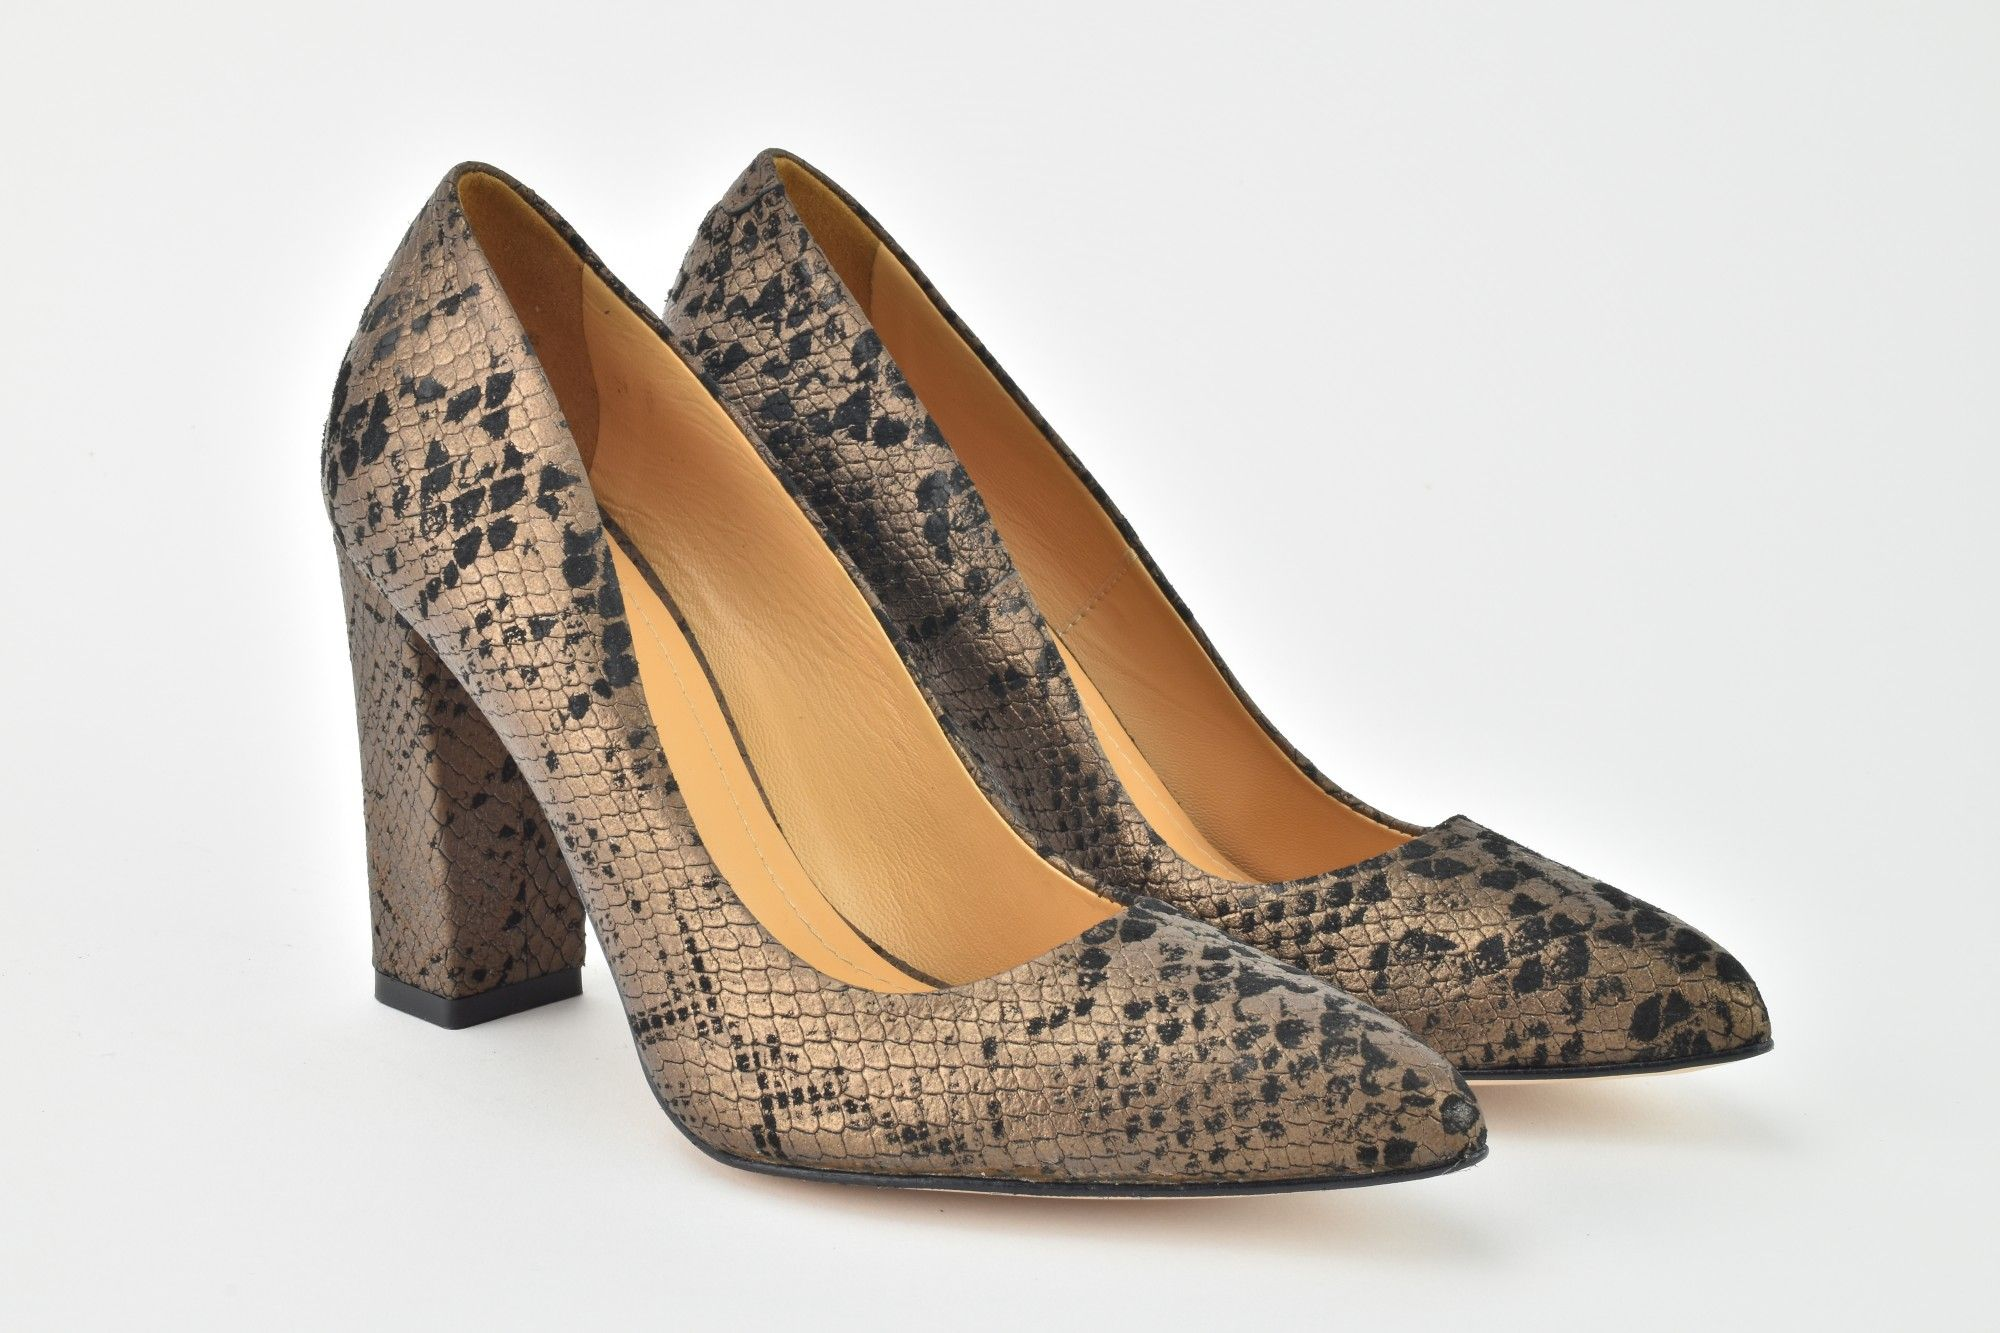 Czolenka Z Wezowym Motywem Shoes Fashion Flats